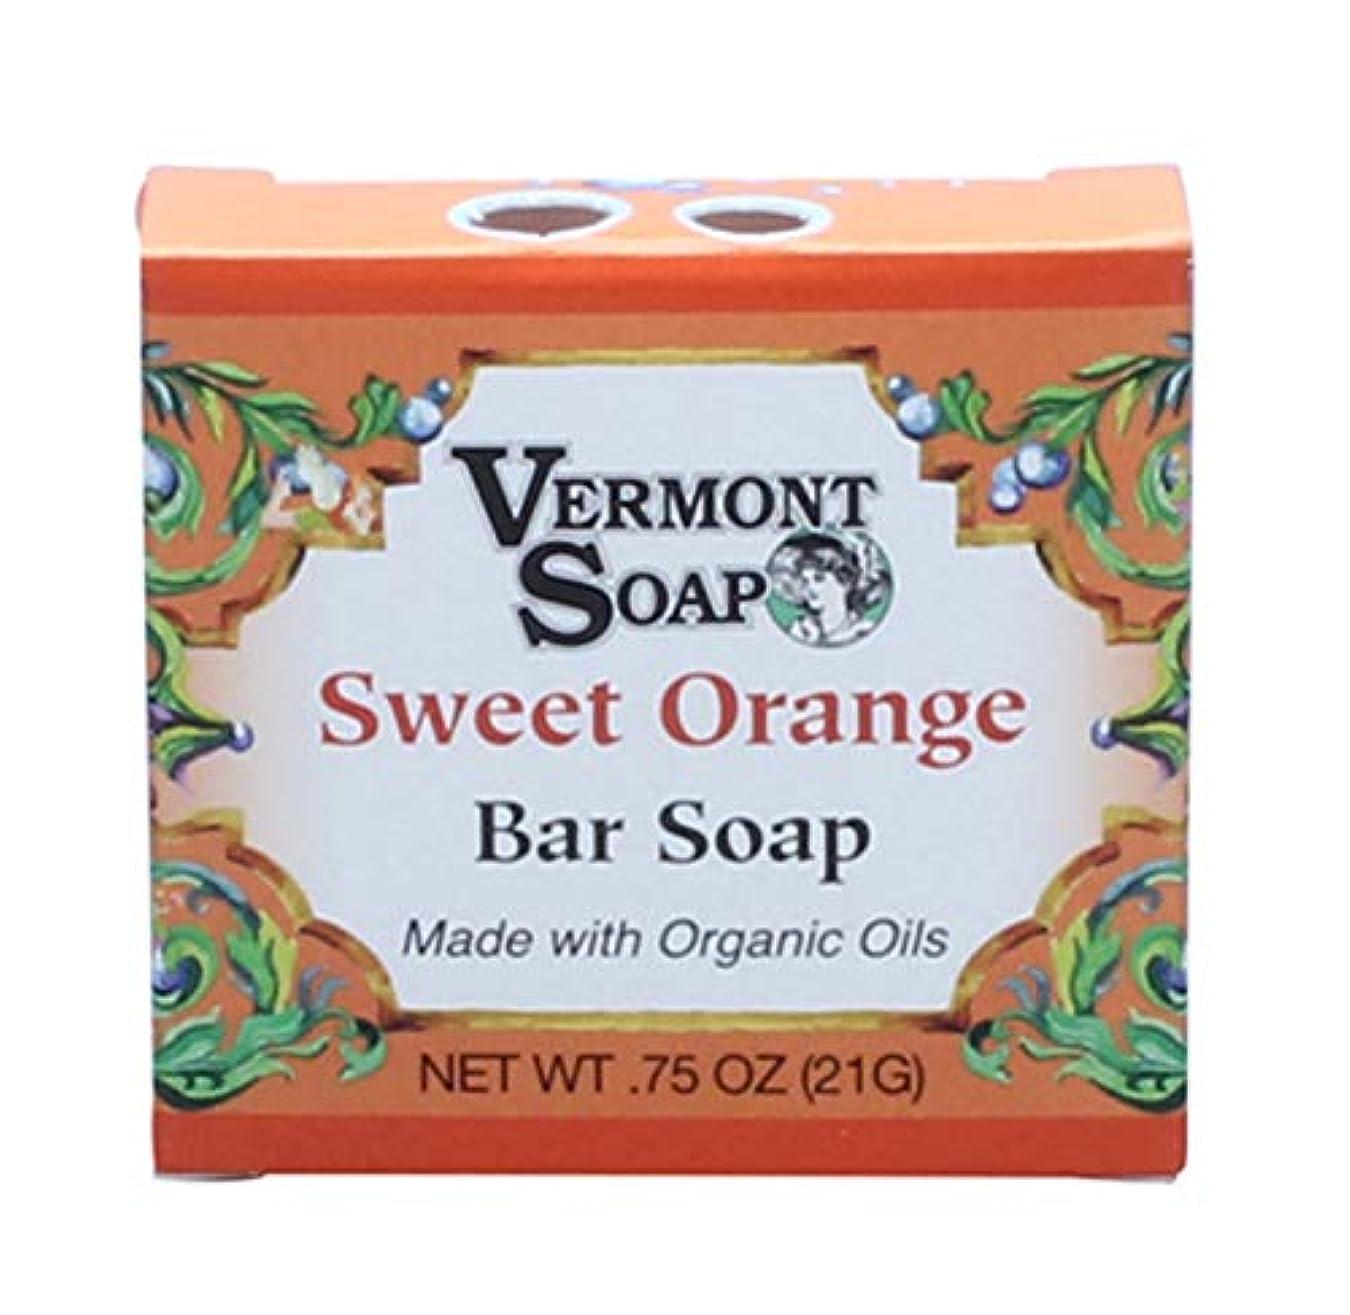 瞑想的マークダウン小屋バーモントソープ トラベルサイズ (スイートオレンジ) オーガニック石鹸 洗顔 21g